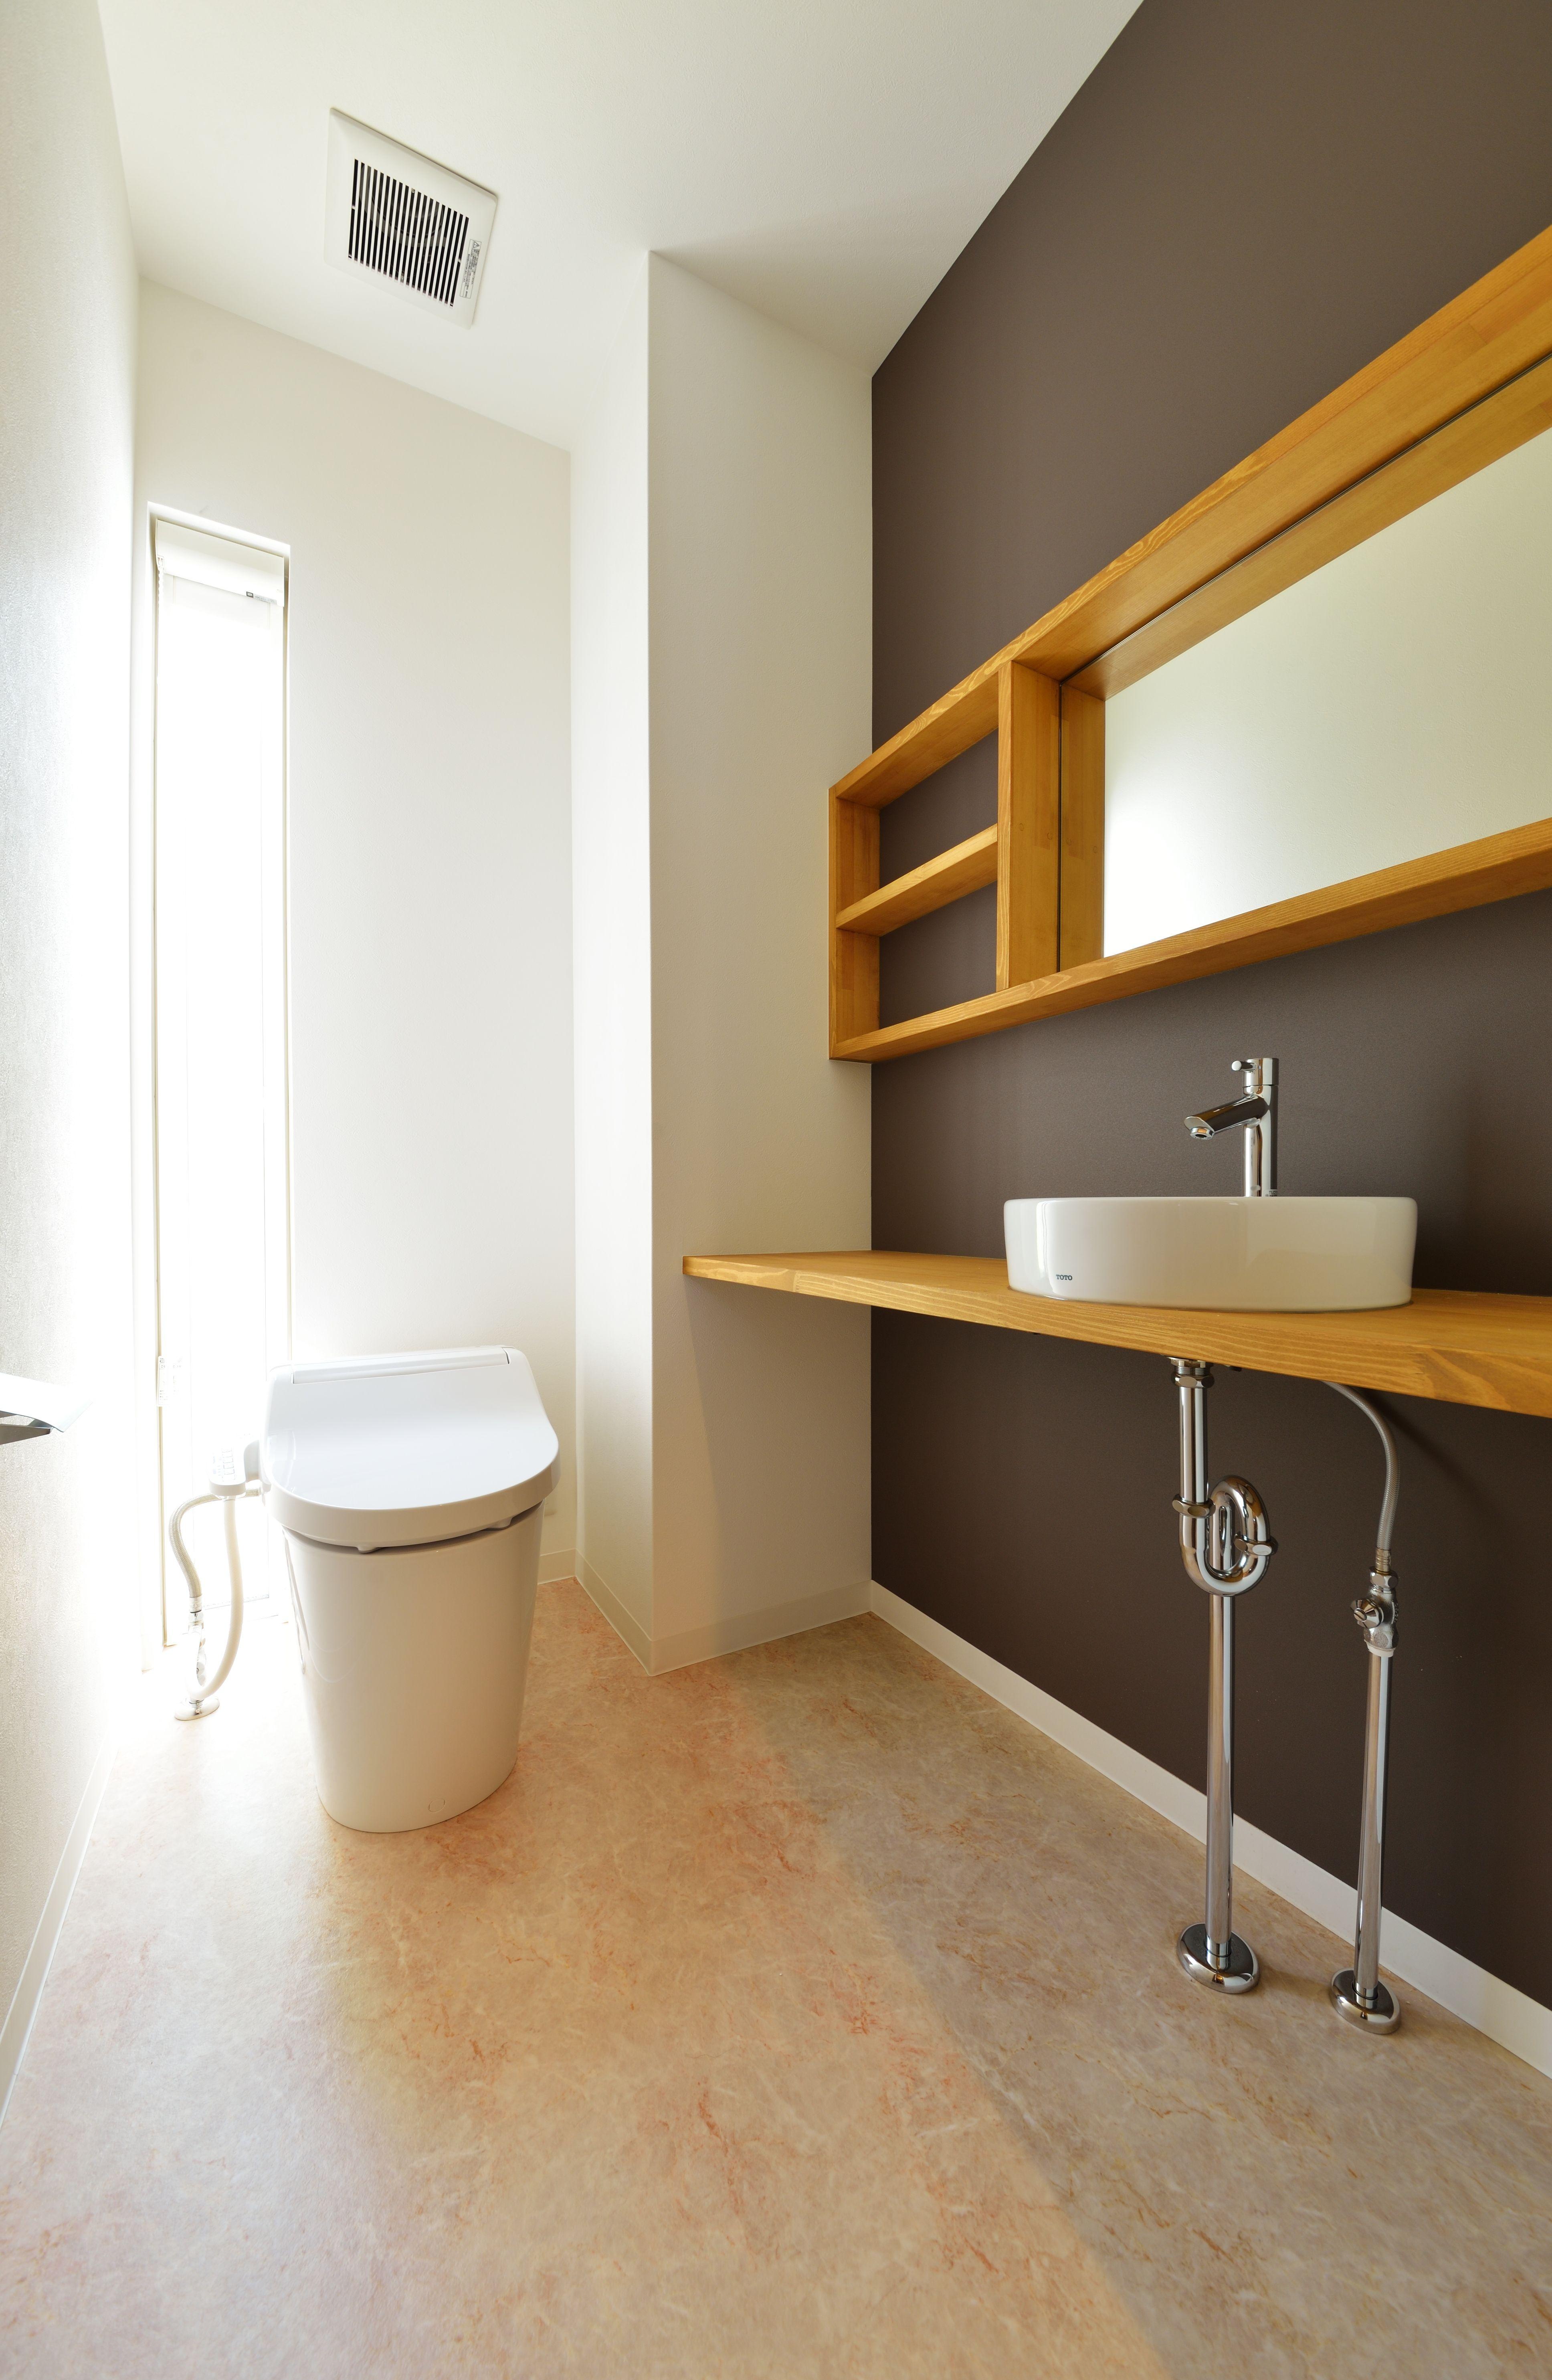 トイレ 造作手洗いカウンターを設置 棚 鏡を設けることで臨時の洗面